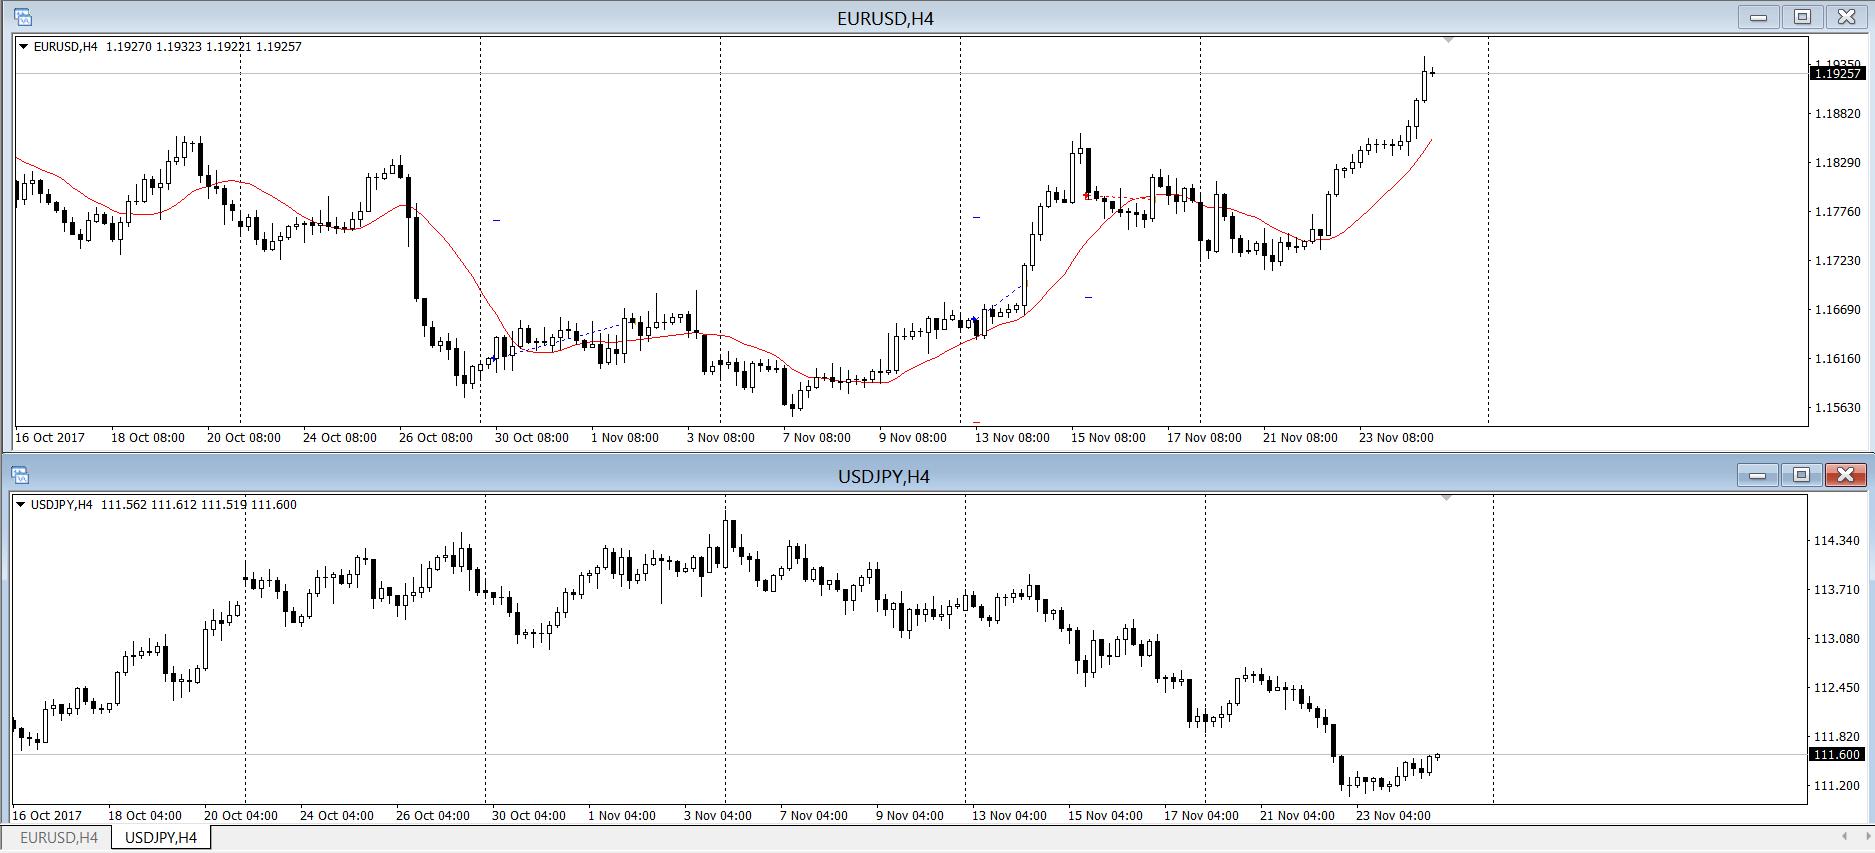 Обратная корреляция usd/jpy и eur/usd